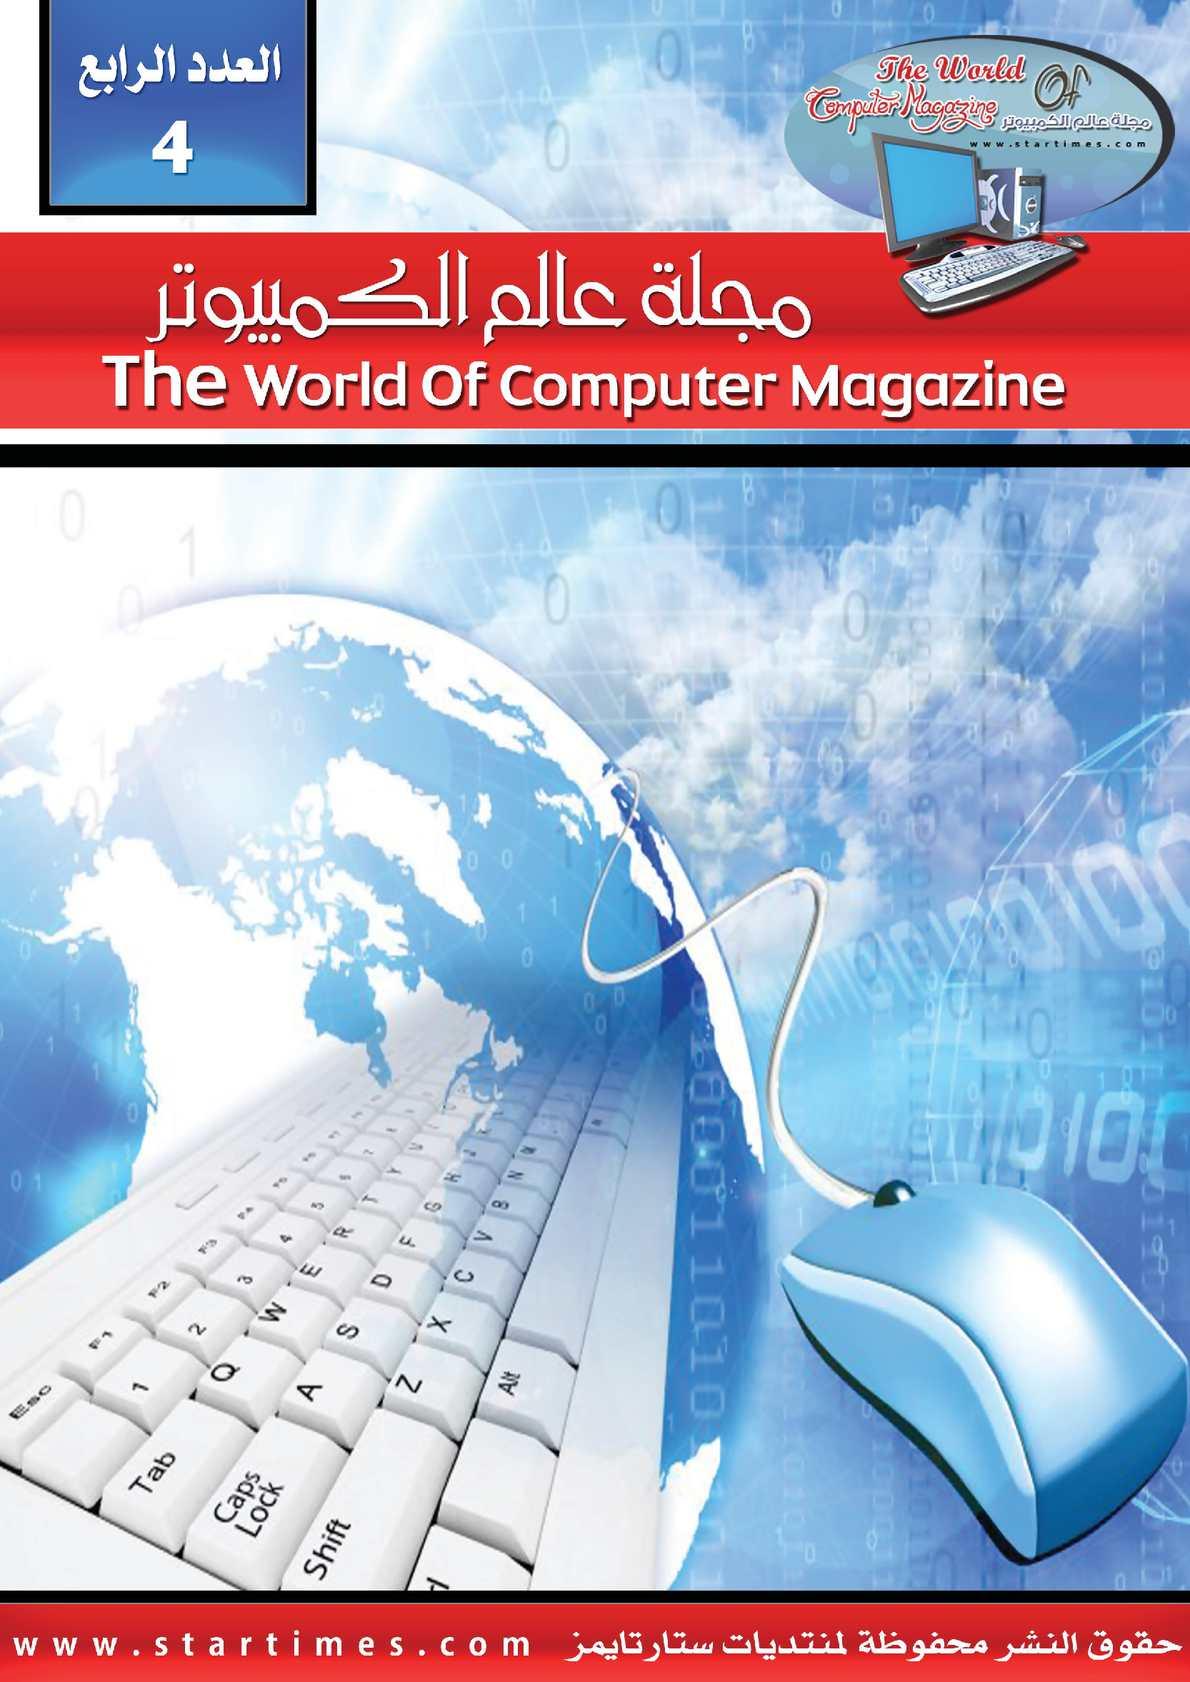 مجلة عالم الكمبيوتر العدد الرابع 4 من تصميم عماد الدين المسلم